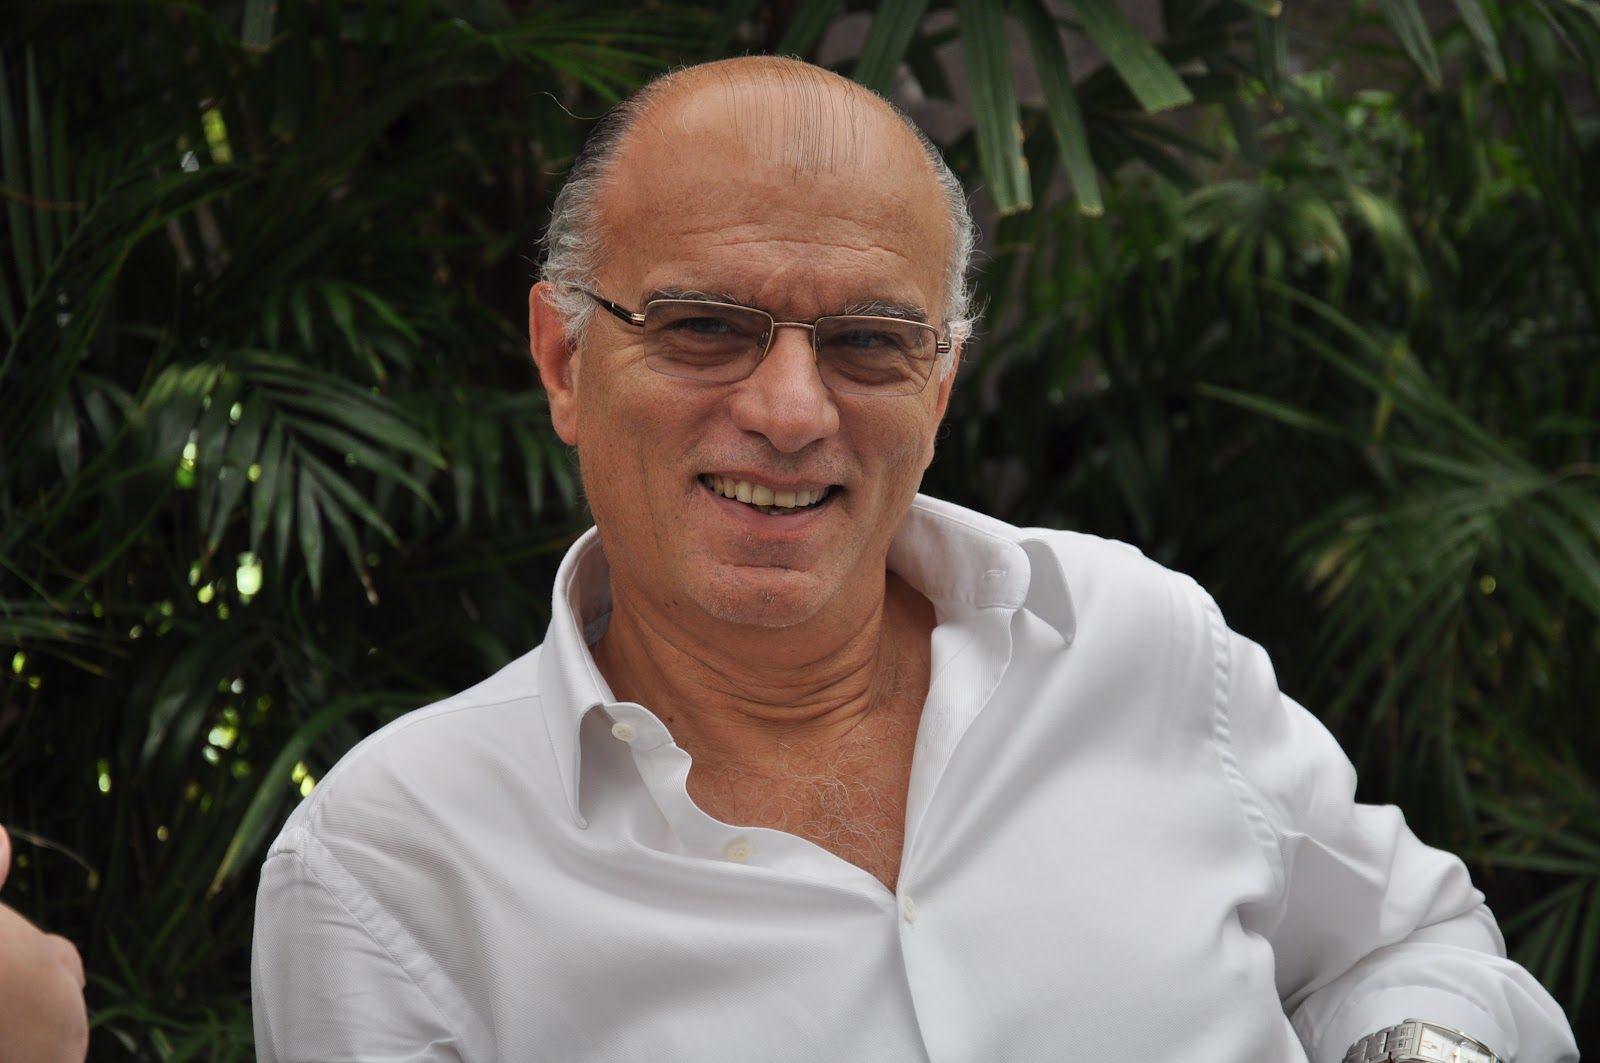 Panamá Papers: Grindetti se defendió del escándalo con un insólito argumento